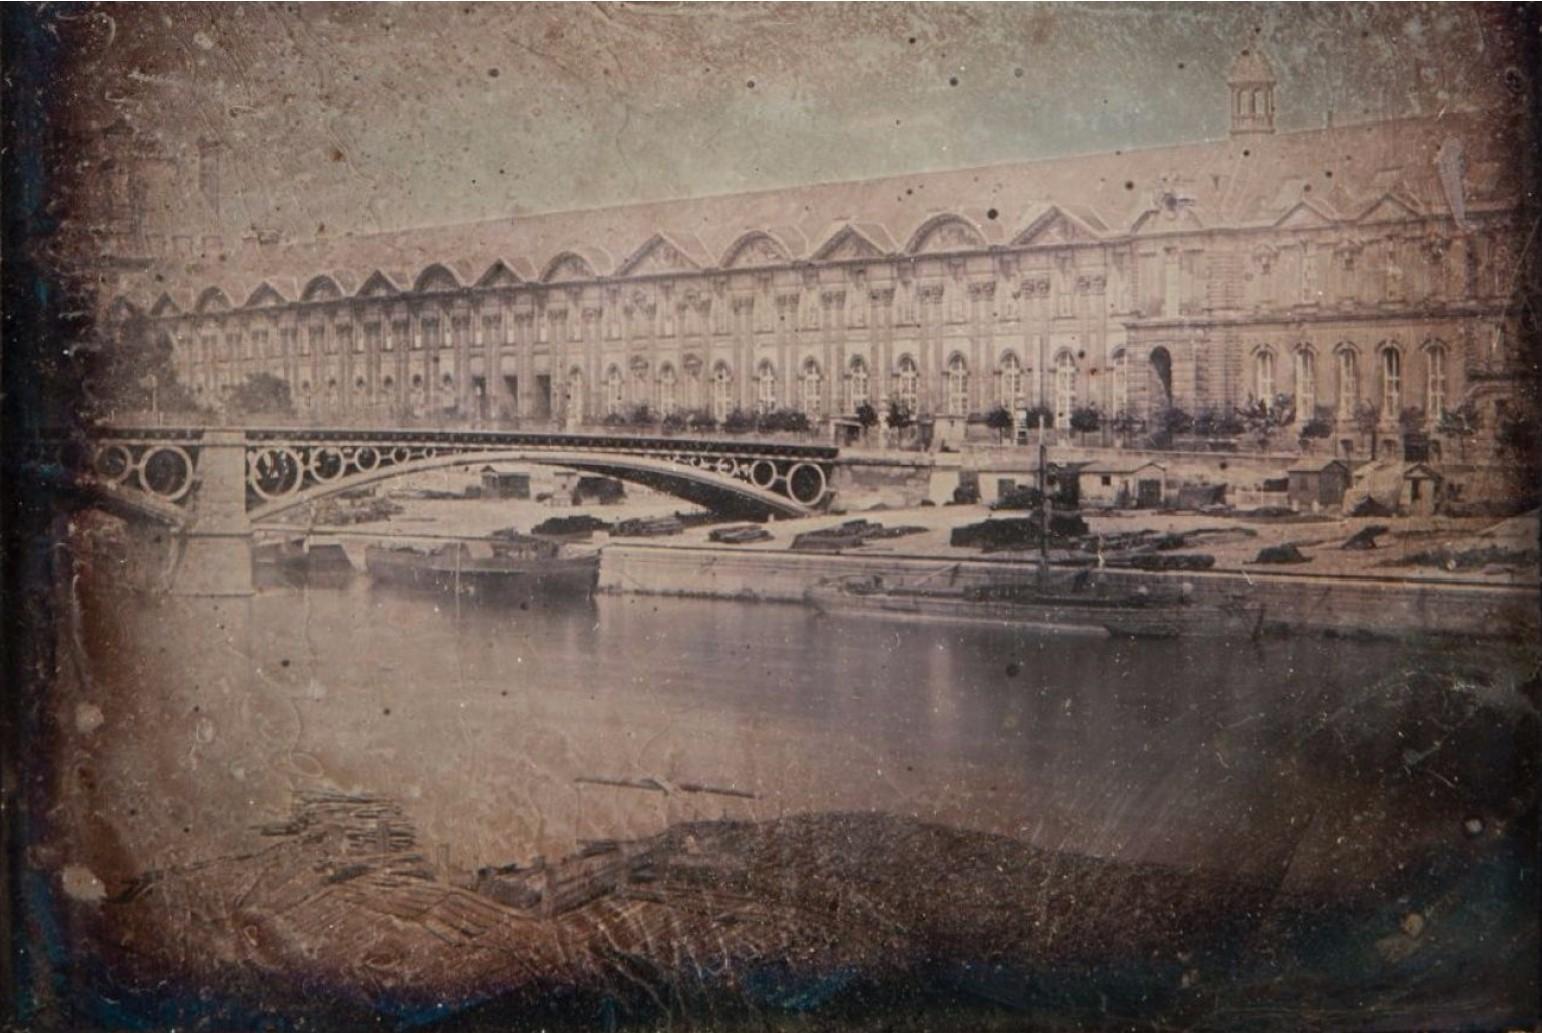 1840. Мост Каррузель и Большая галерея Лувра